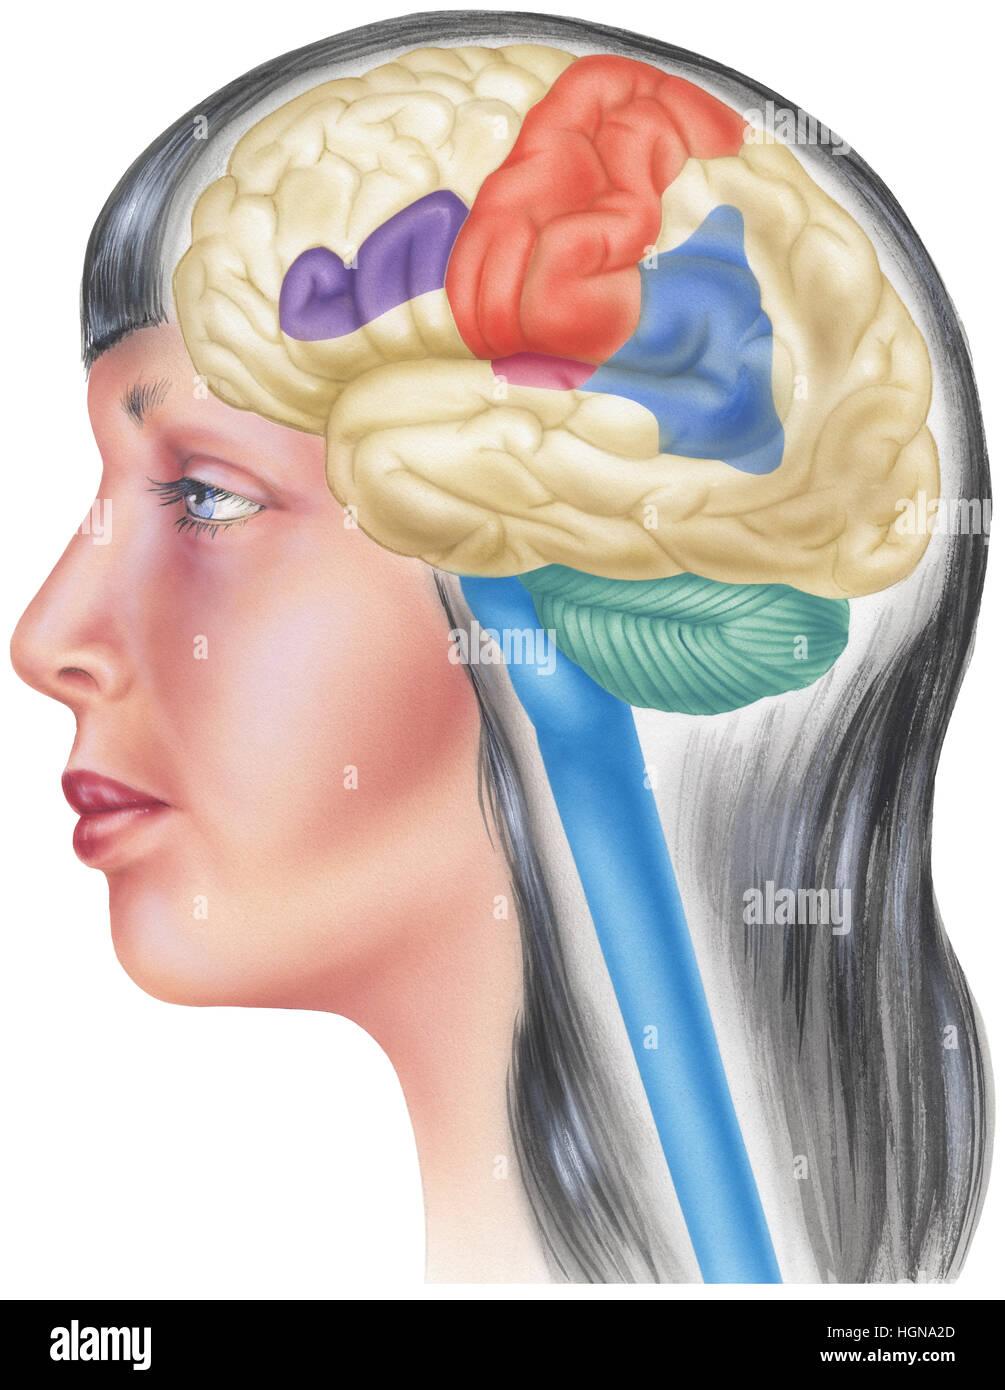 Vista lateral del cerebro humano en el cráneo de una mujer joven. Mostrados son los lóbulos parietales, Imagen De Stock